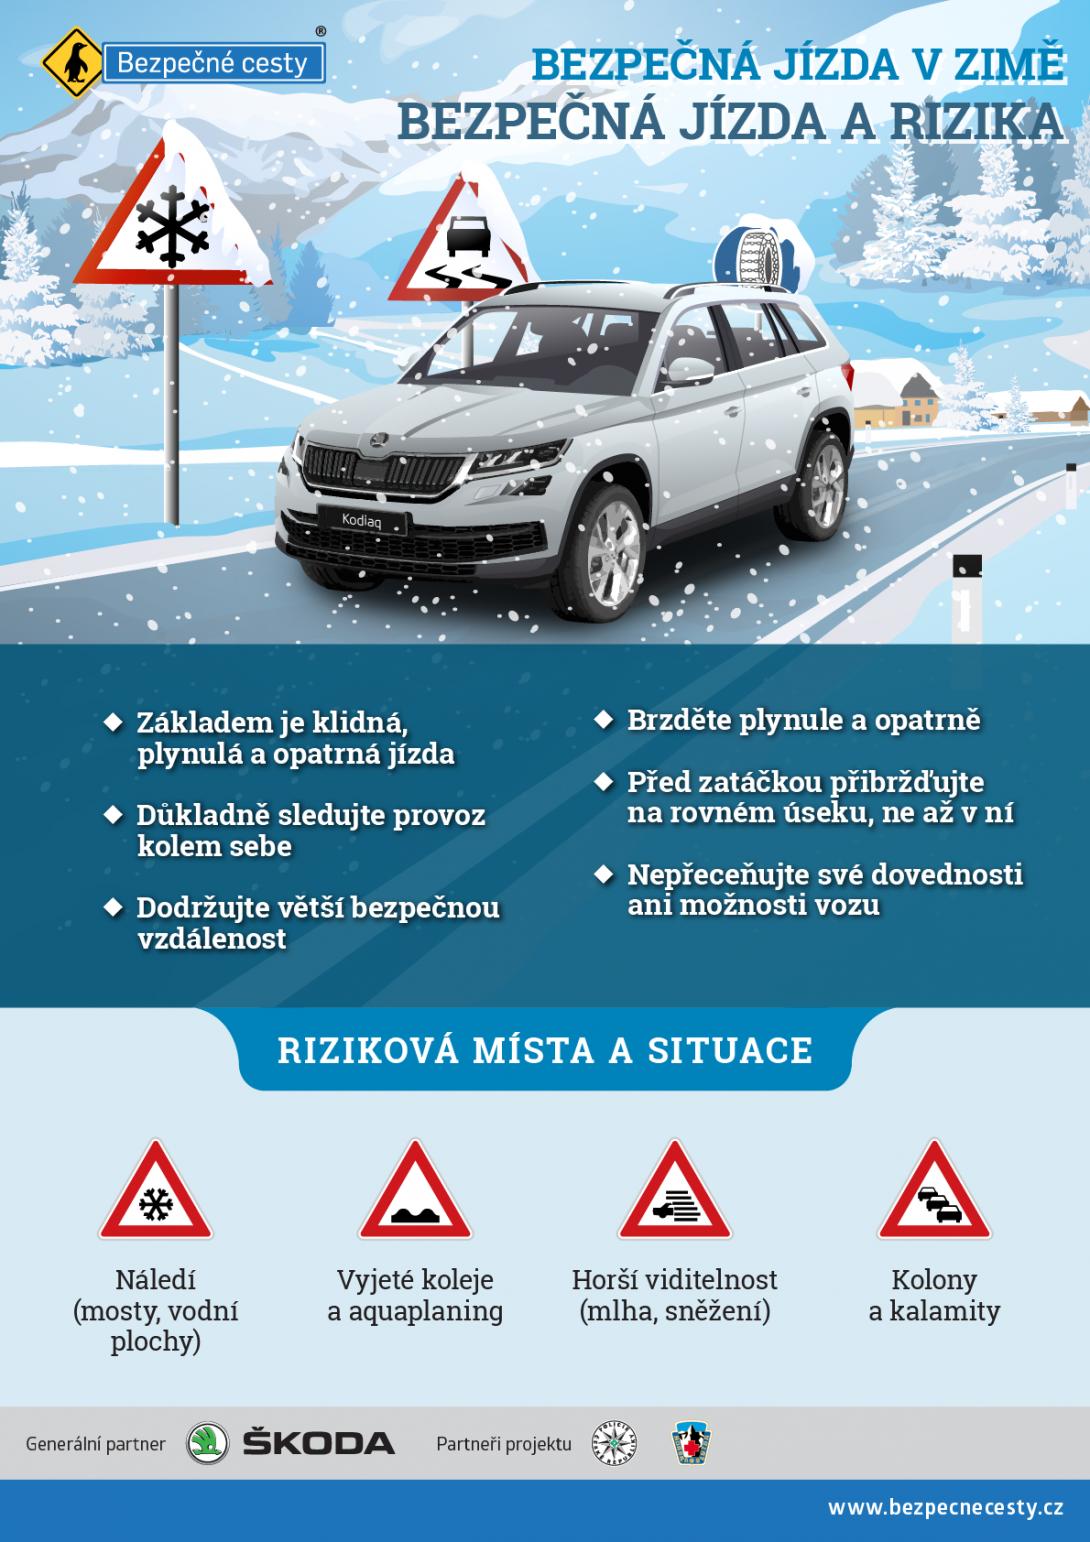 Bezpečná jízda v zimě a možná rizika